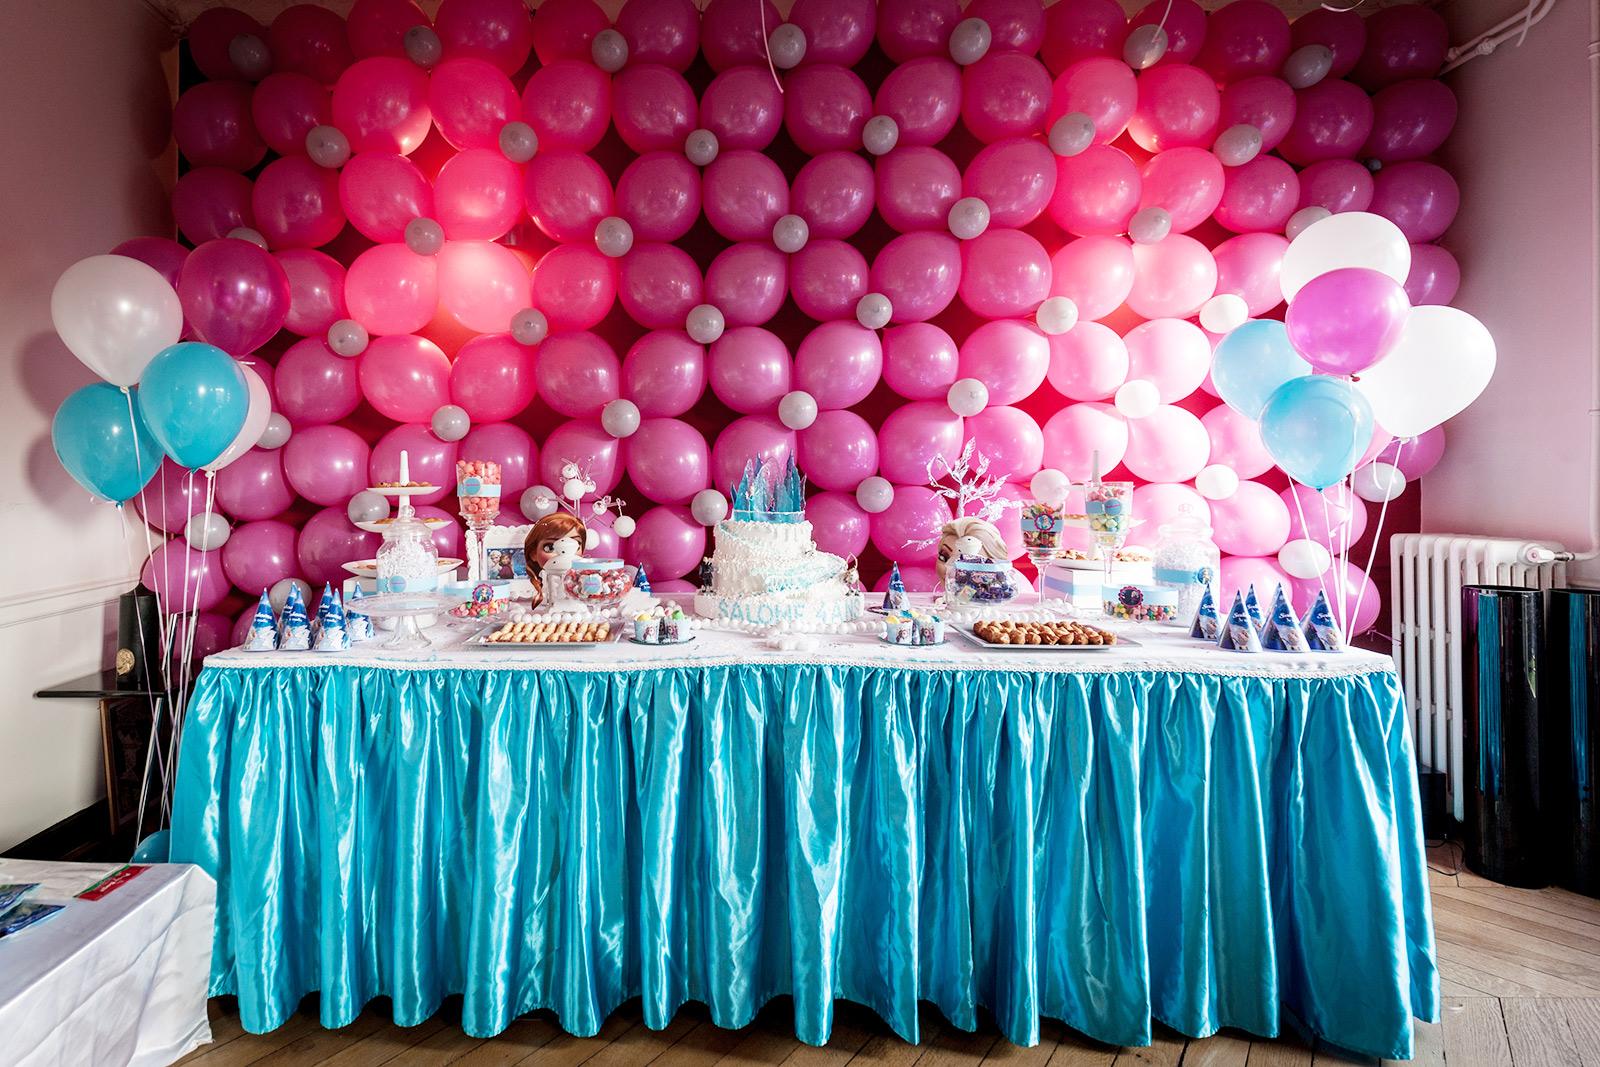 Joli buffet d'anniversaire